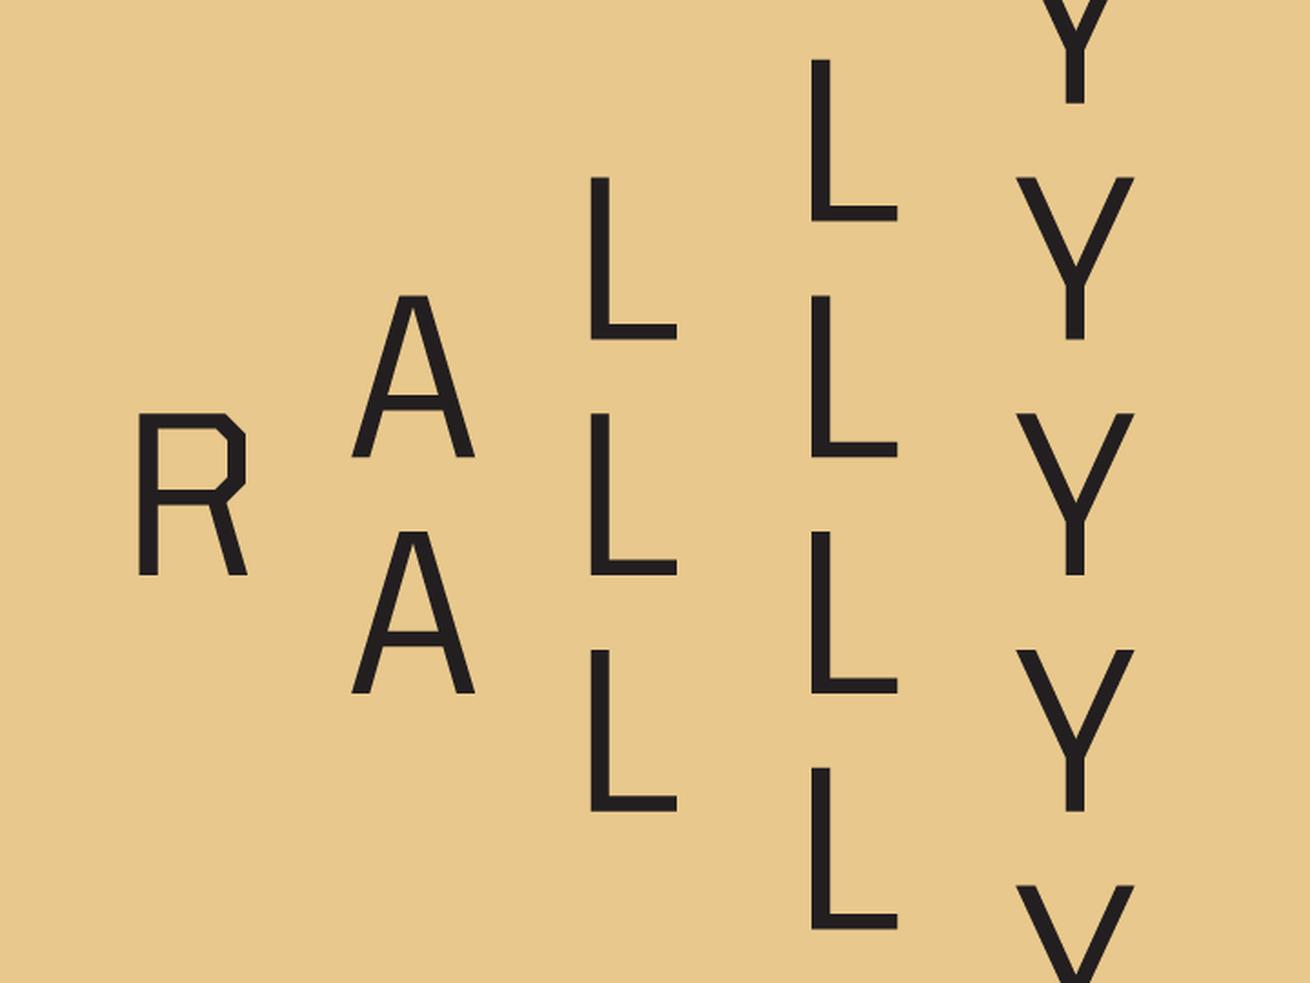 Hey Rally Coffee Shop